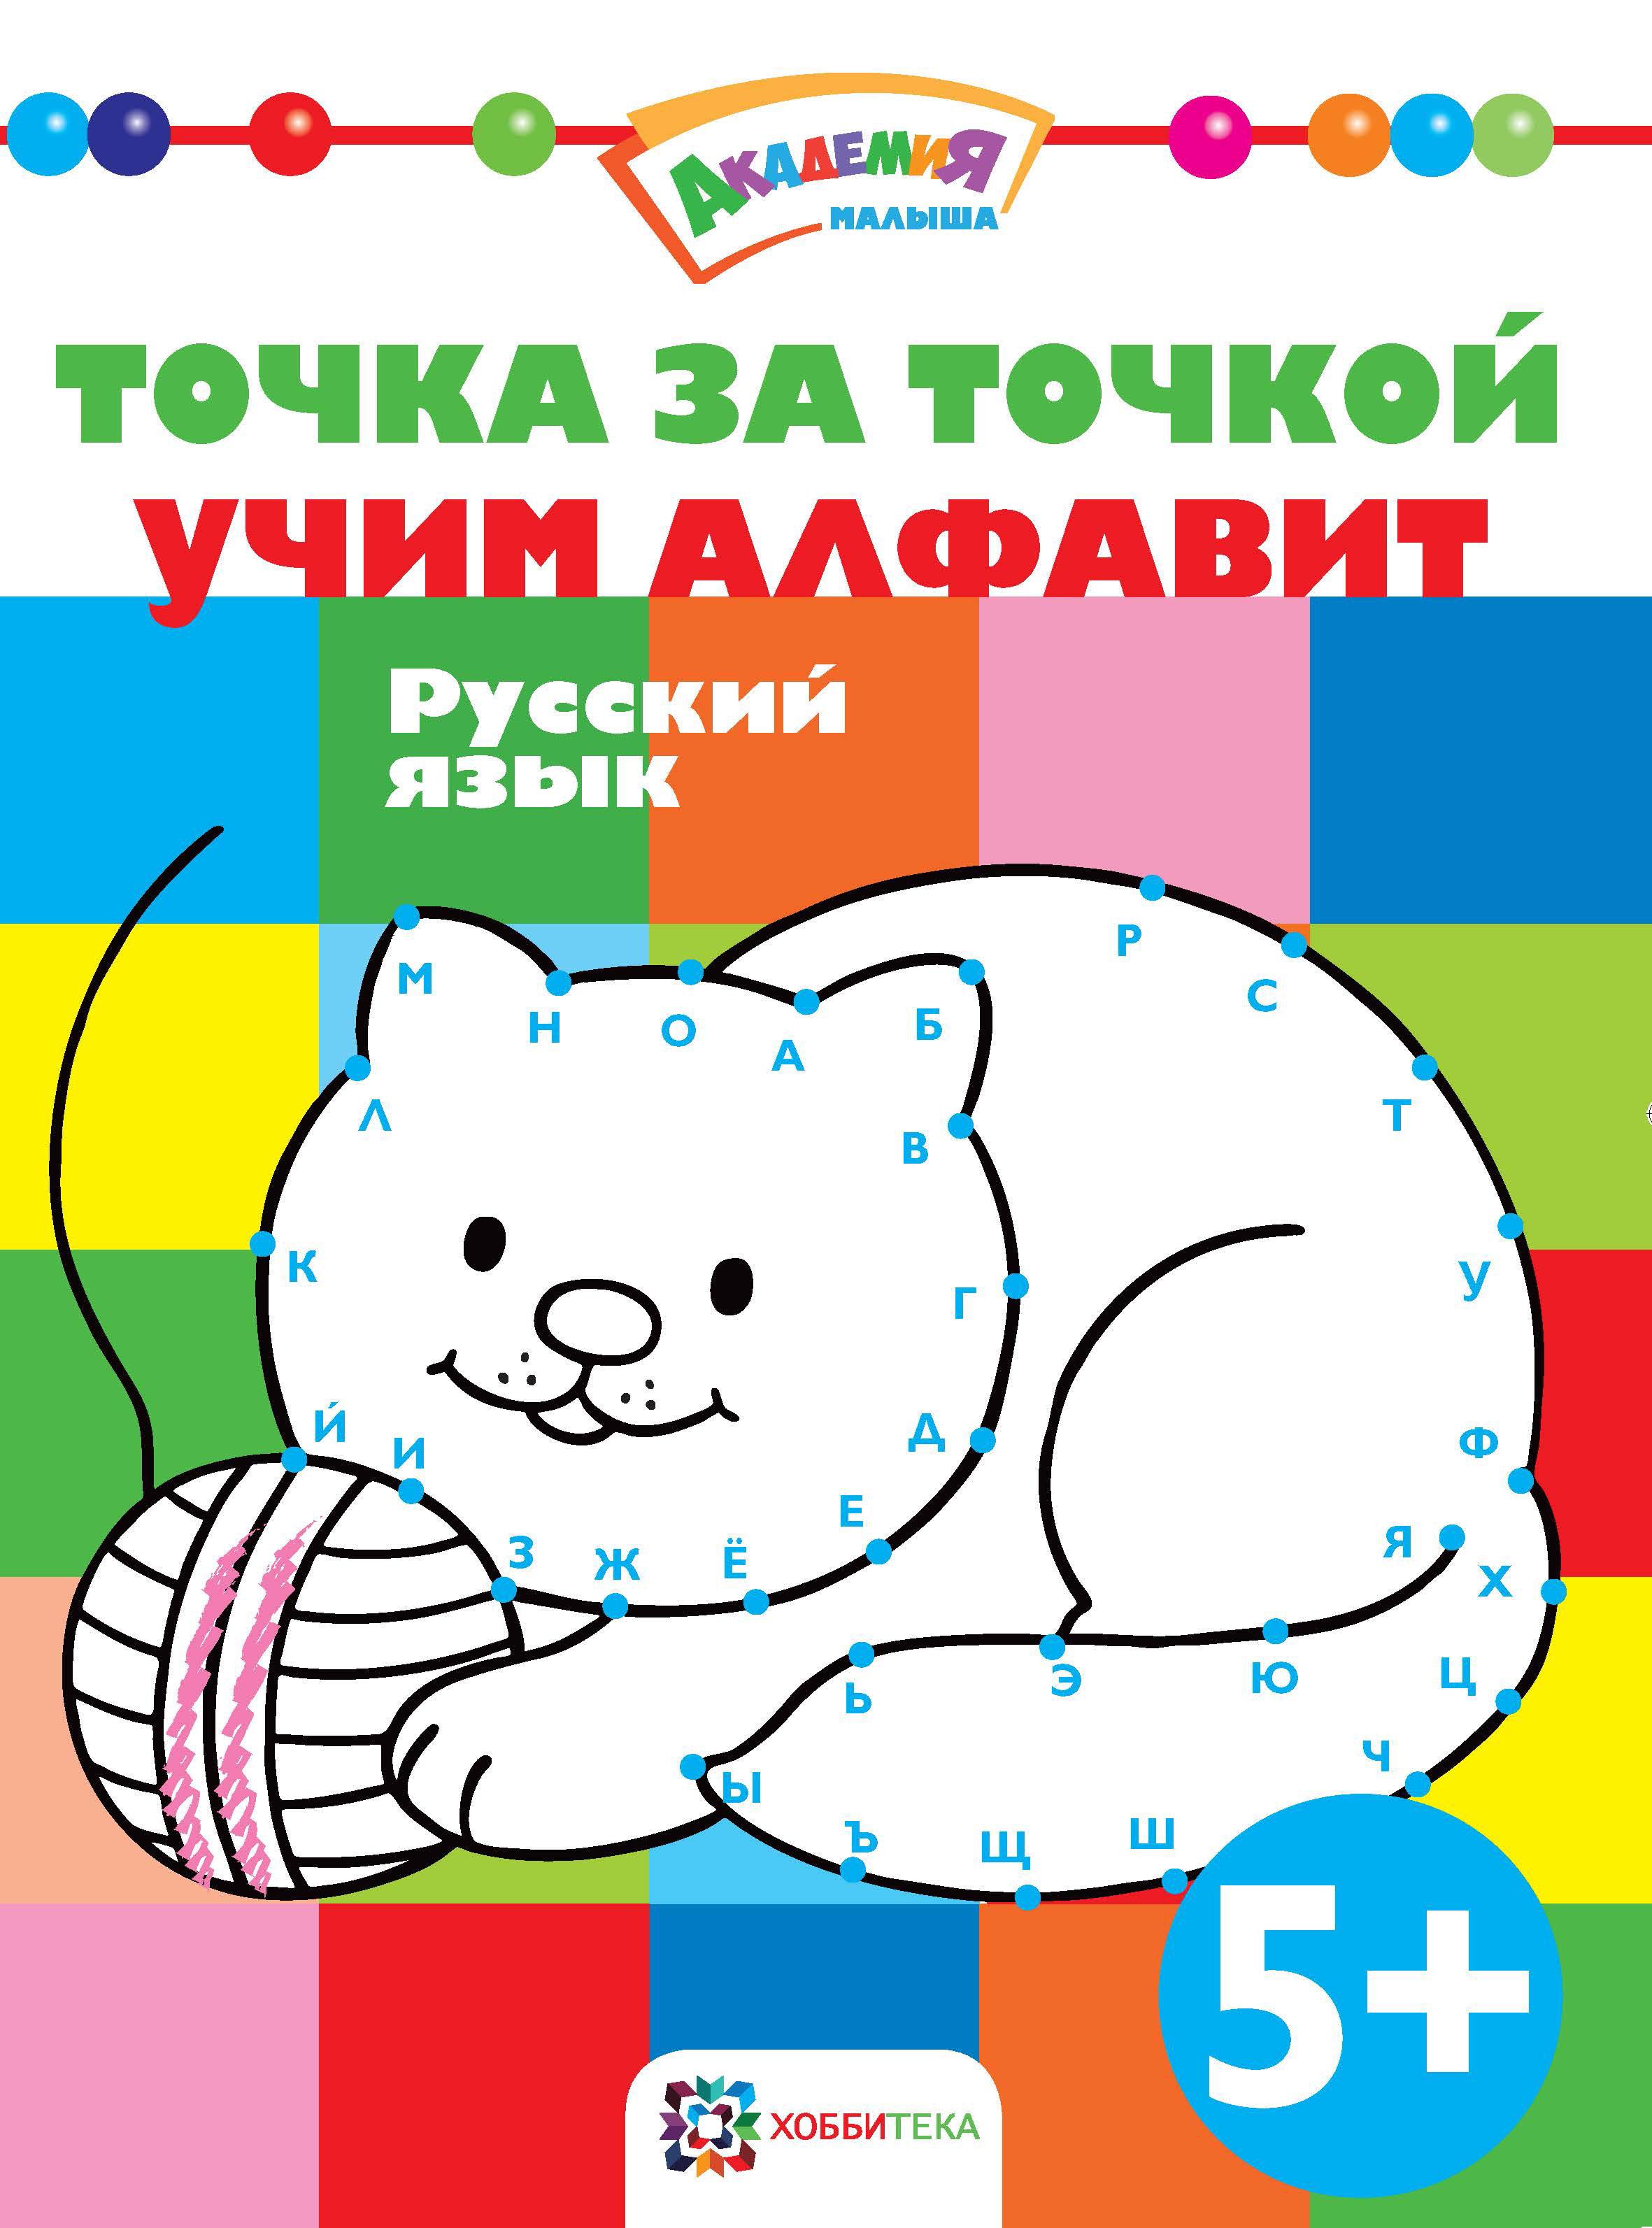 Точка за точкой. Учим алфавит. Русский язык точка за точкой учим алфавит русский язык